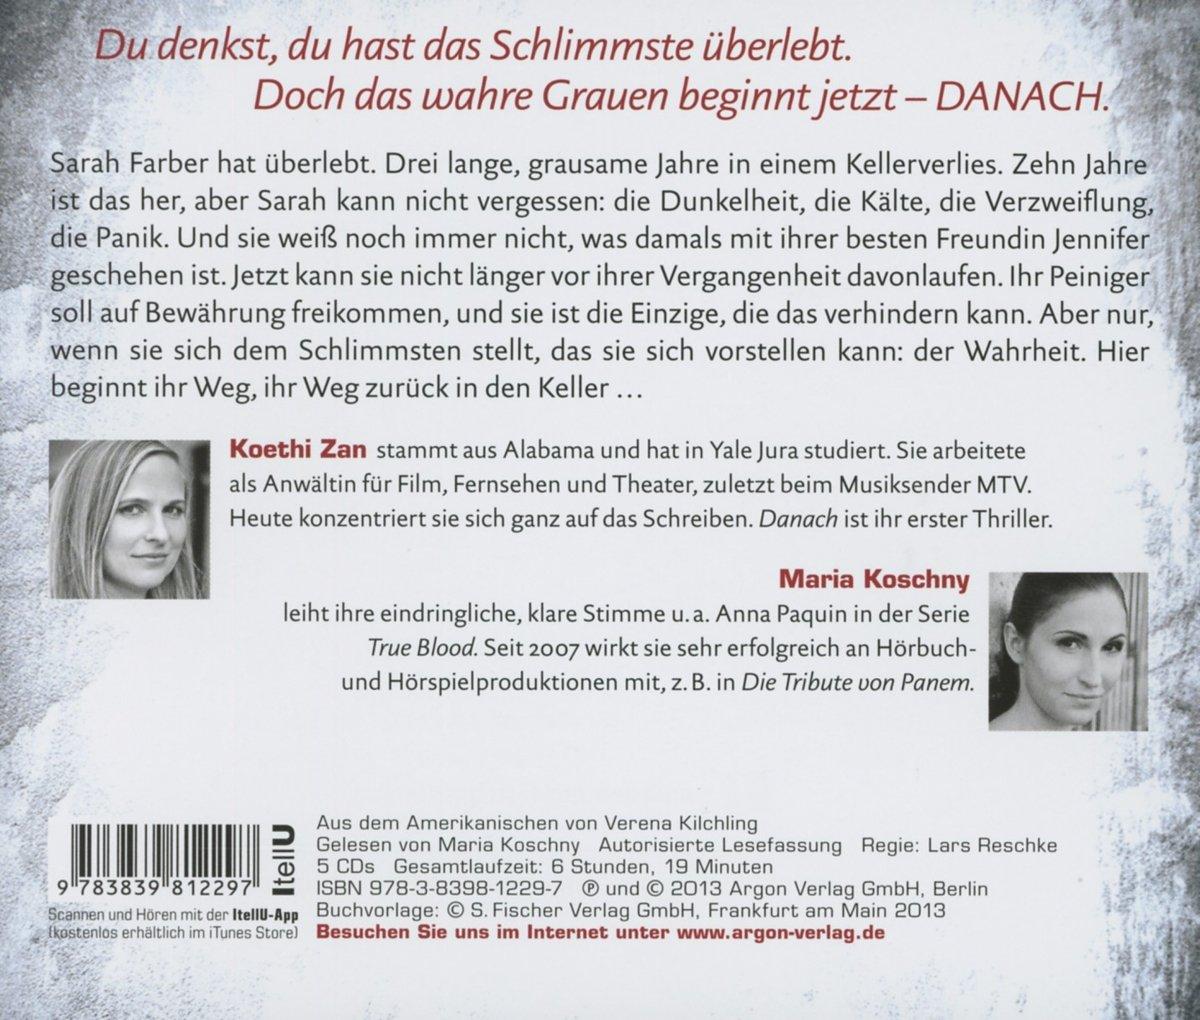 Danach: Amazon.de: Koethi Zan, Maria Koschny, Verena Kilchling: Bücher